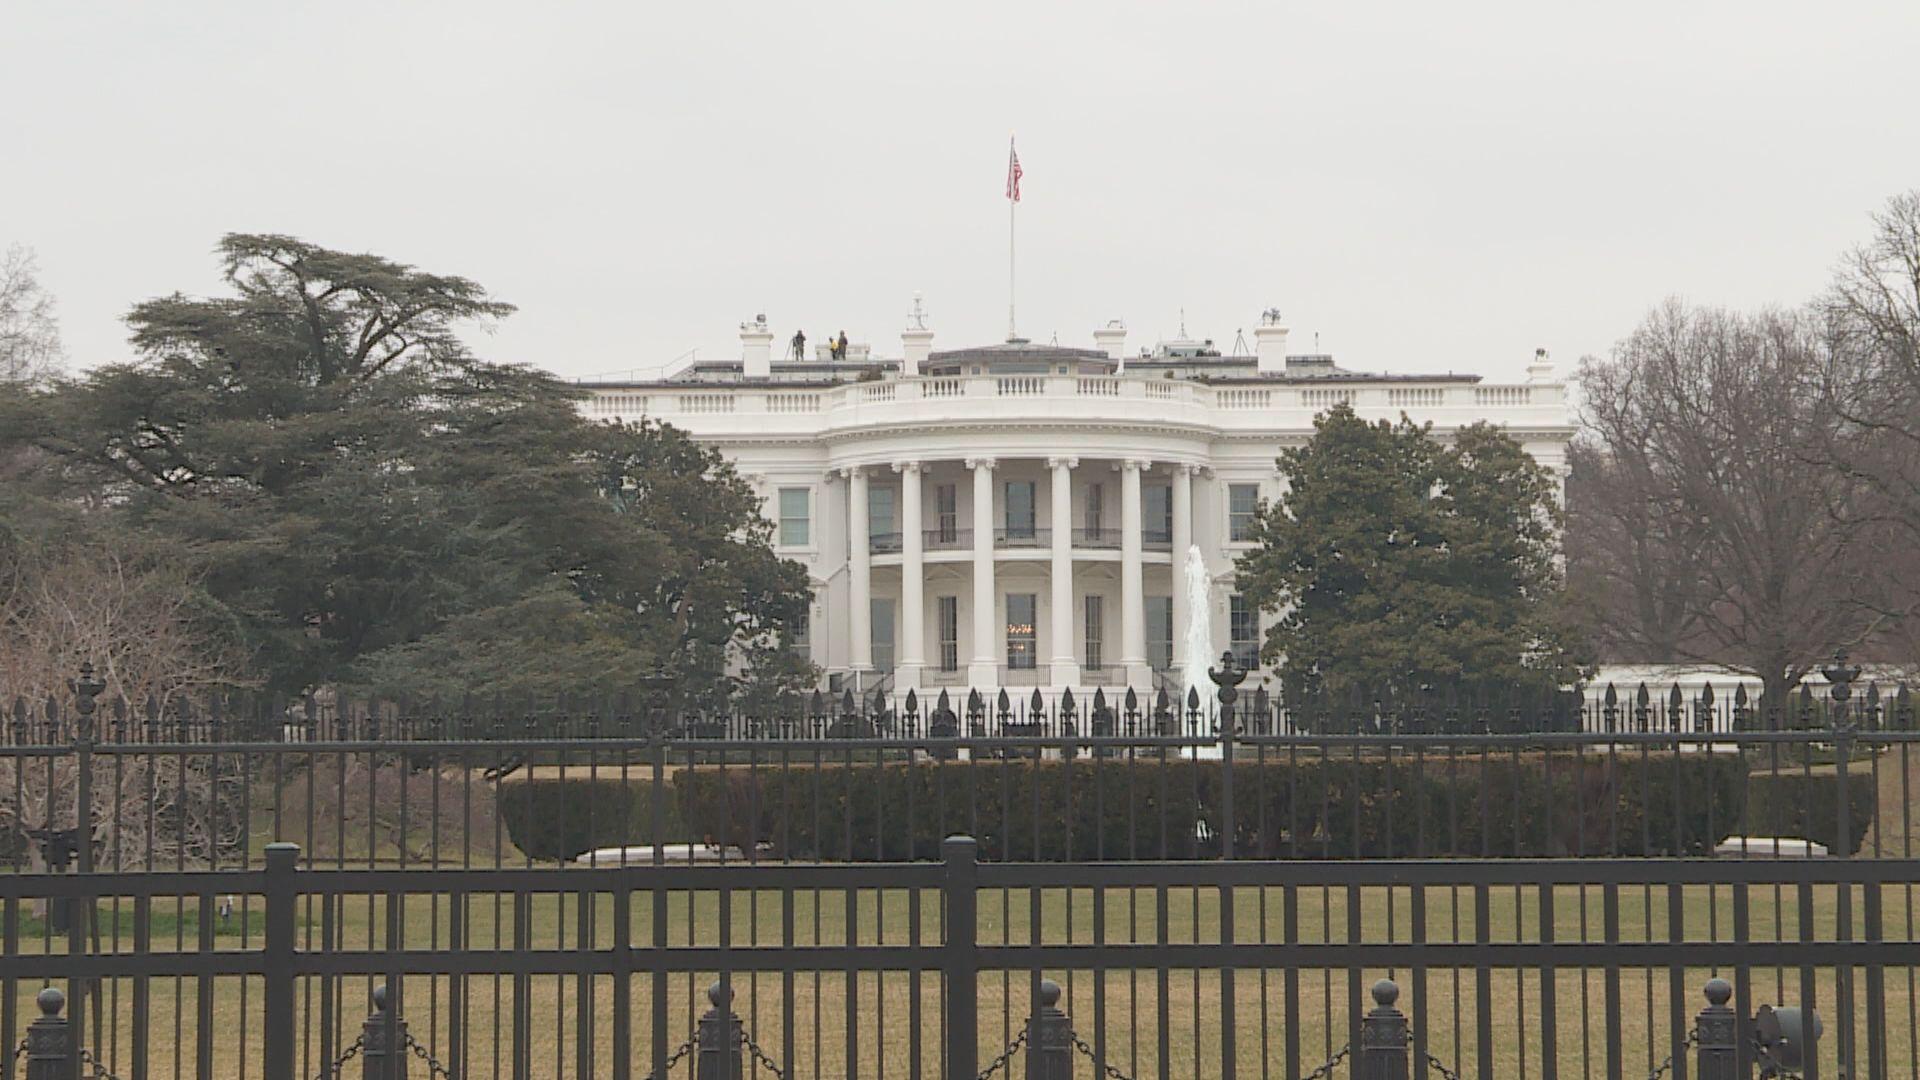 據報有議員促請援引憲法 判定特朗普喪失履行總統能力